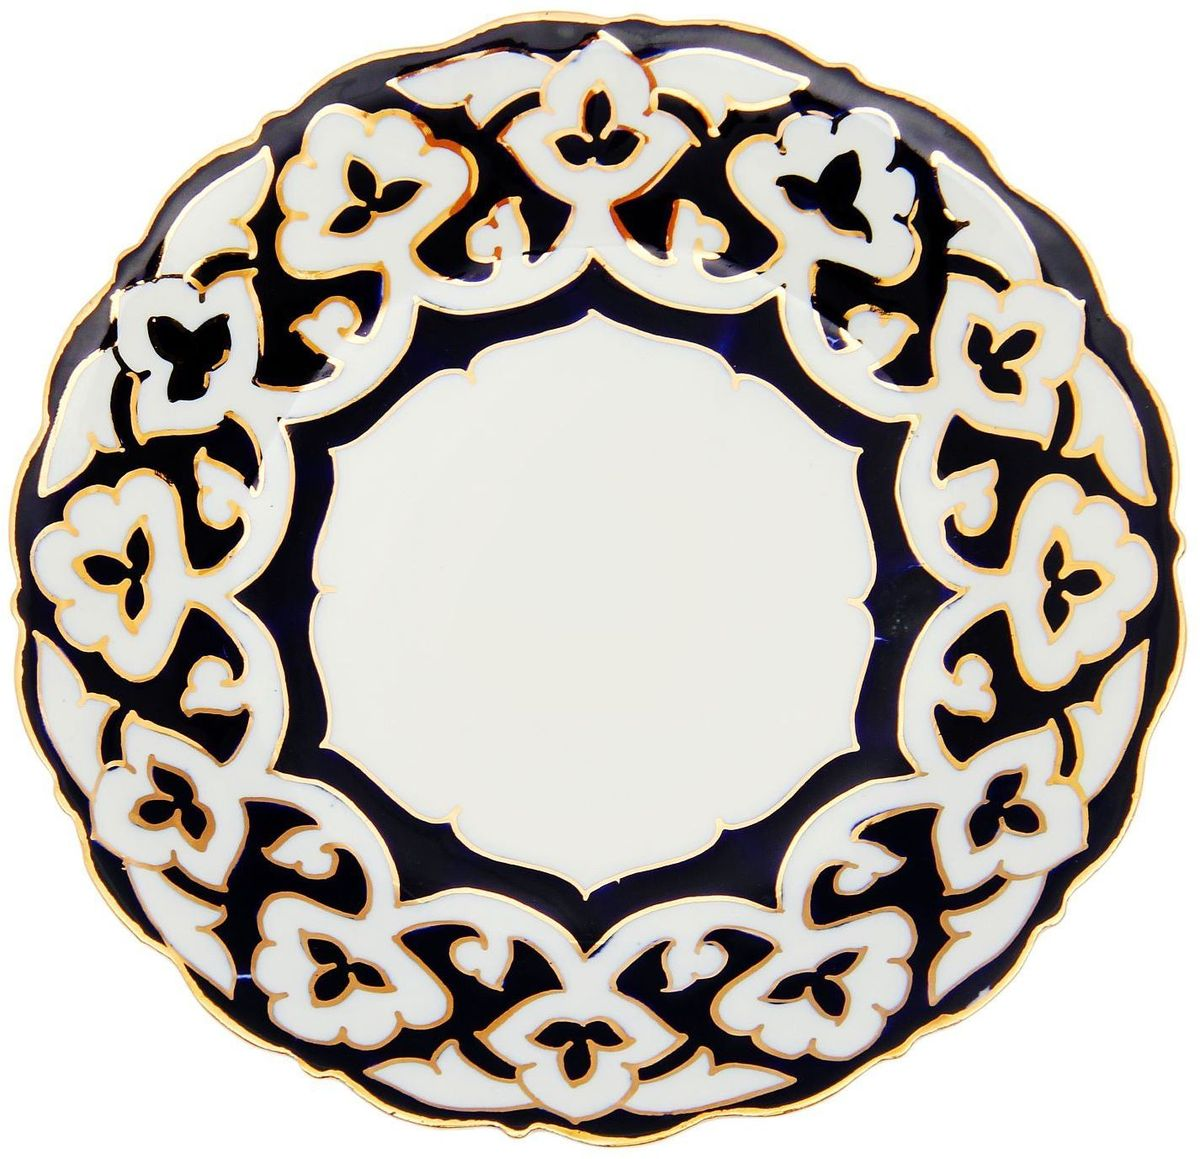 Тарелка Turon Porcelain Пахта, цвет: белый, синий, золотистый, диаметр 17,5 см1625356Узбекская посуда известна всему миру уже более тысячи лет. Ей любовались царские особы, на ней подавали еду для шейхов и знатных персон. Формулы красок и глазури передаются из поколения в поколение. По сей день качественные расписные изделия продолжают восхищать совершенством и завораживающей красотой.Данный предмет подойдёт для повседневной и праздничной сервировки. Дополните стол текстилем и салфетками в тон, чтобы получить элегантное убранство с яркими акцентами.Национальная узбекская роспись «Пахта» сдержанна и благородна. Витиеватые узоры выводятся тонкой кистью, а фон заливается кобальтом. Синий краситель при обжиге слегка растекается и придаёт контуру изображений голубой оттенок. Густая глазурь наносится толстым слоем, благодаря чему рисунок мерцает.